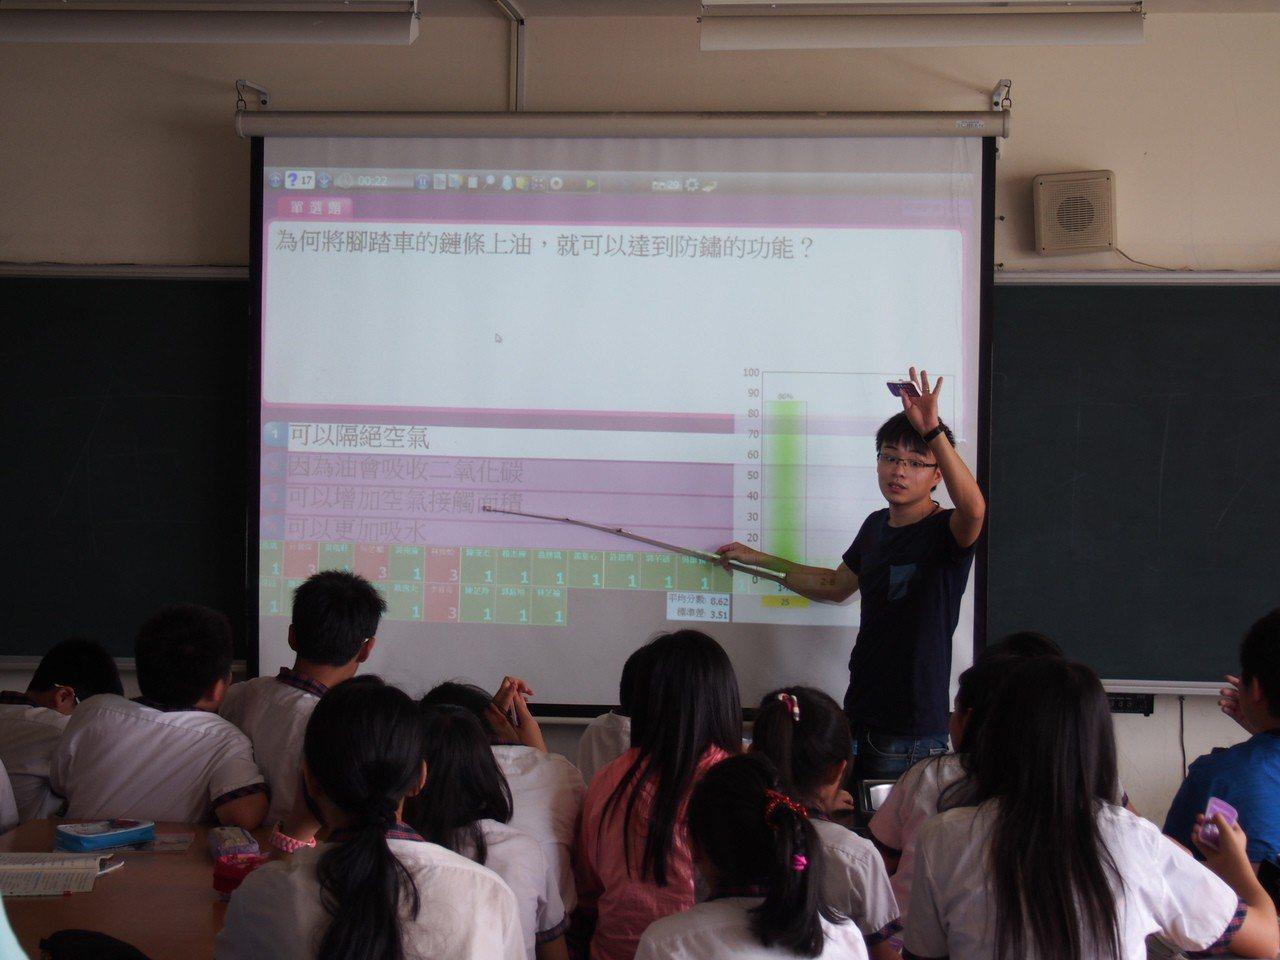 建德國小教師陳煥文(站立者)曾在菲律賓擔任華語老師,更能體會弱勢學生的艱困。圖/...